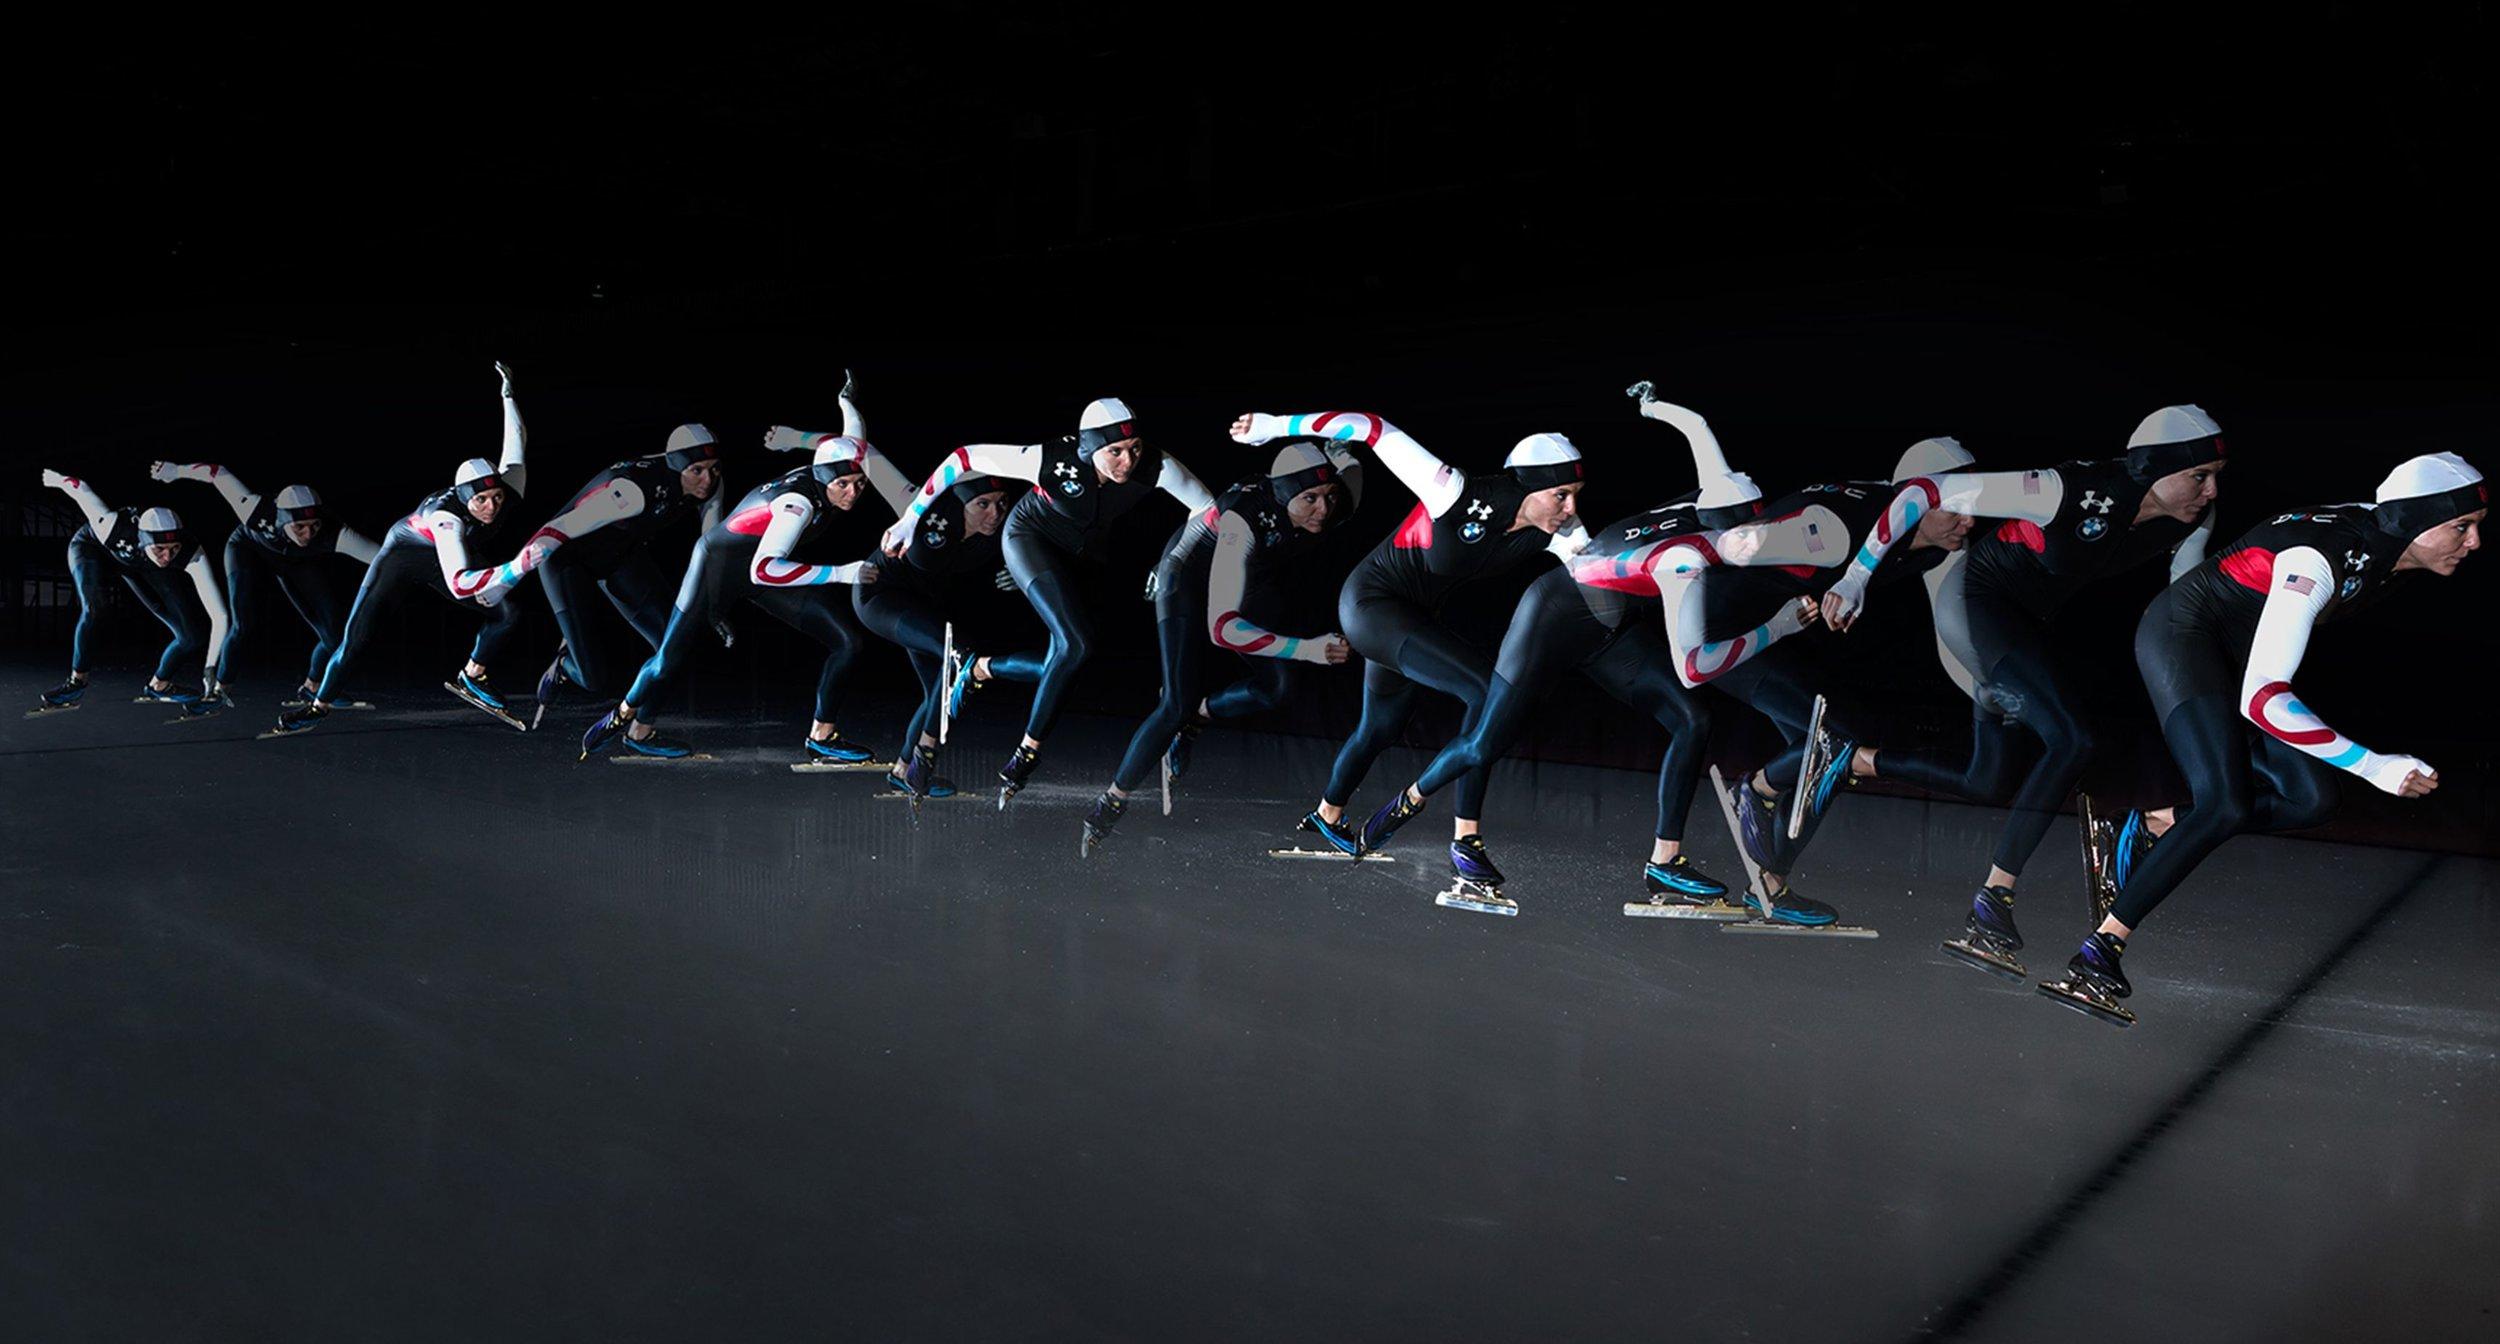 Time-lapse Skater